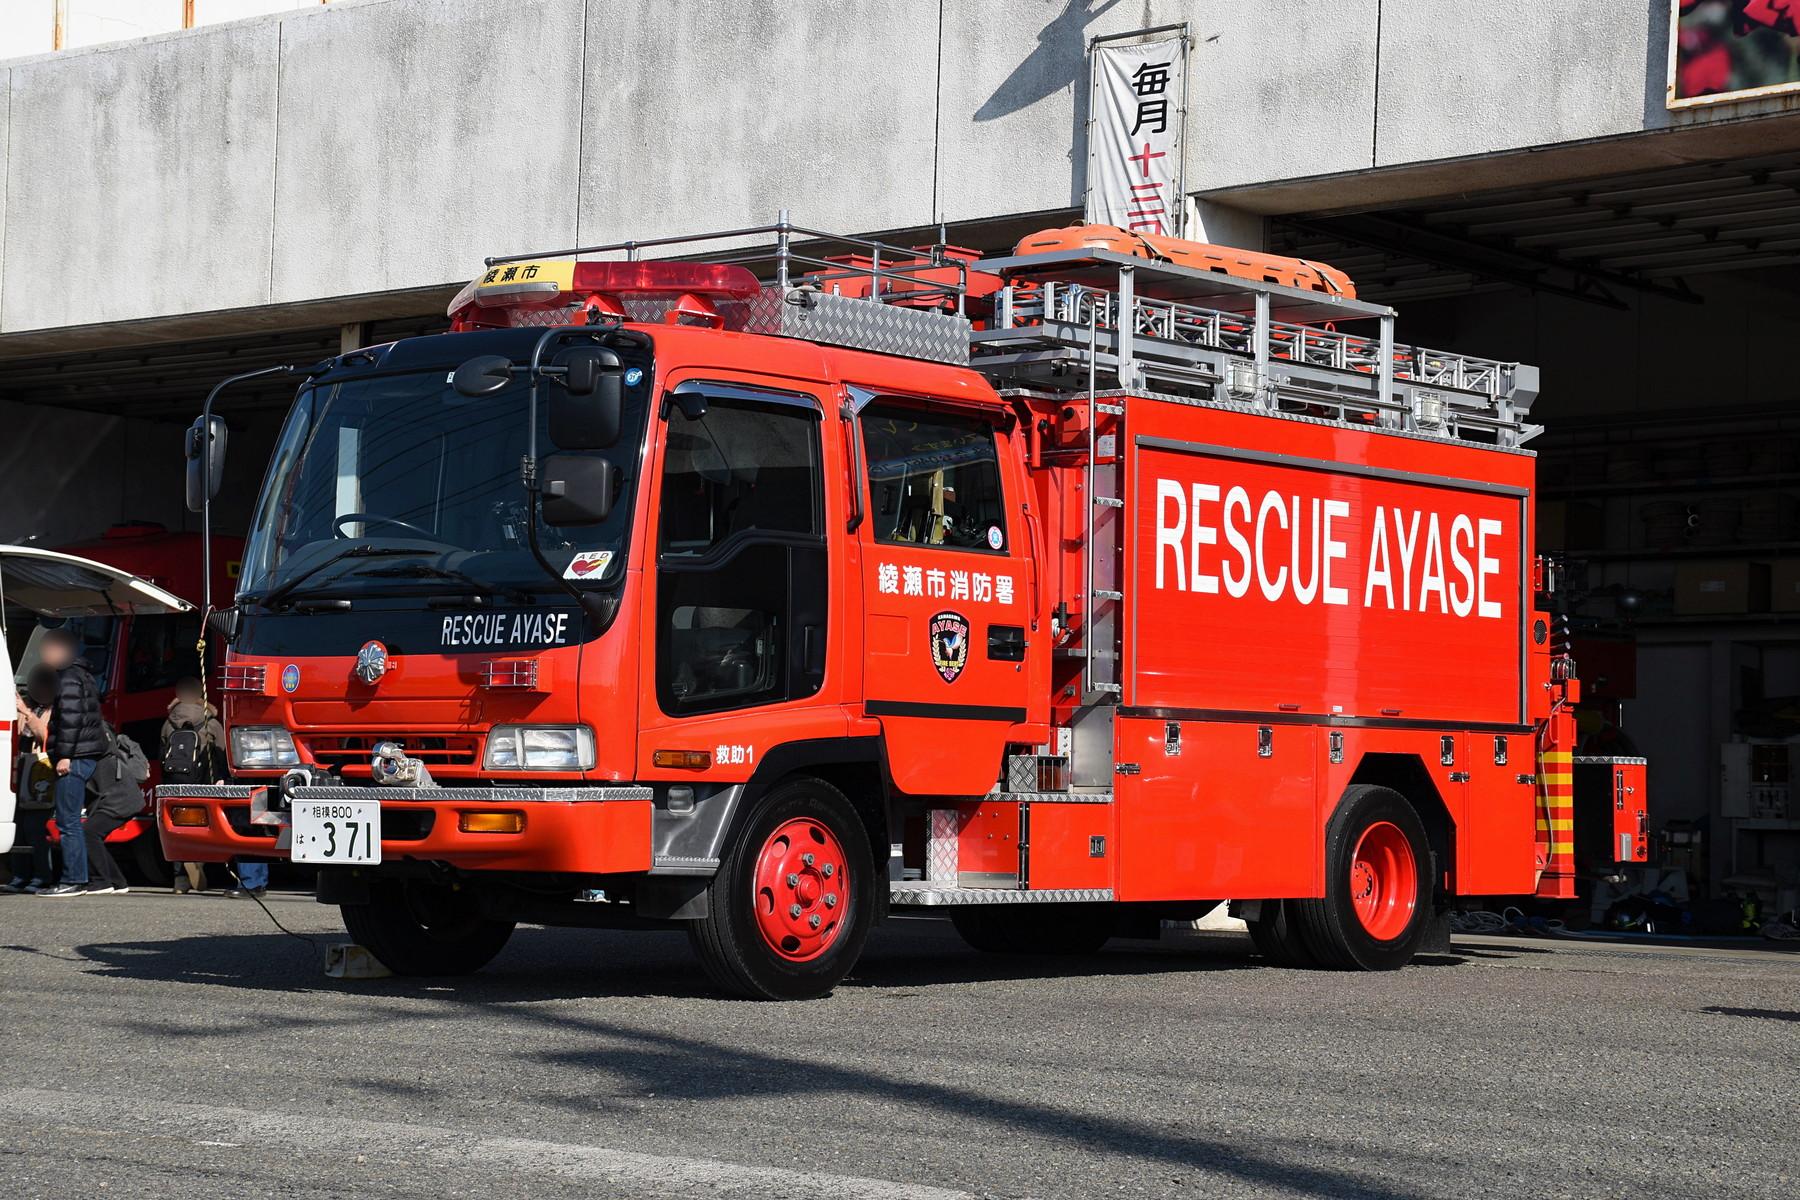 綾瀬市消防本部・綾瀬市消防署 綾瀬救助1 : 神奈川消防車両写真館